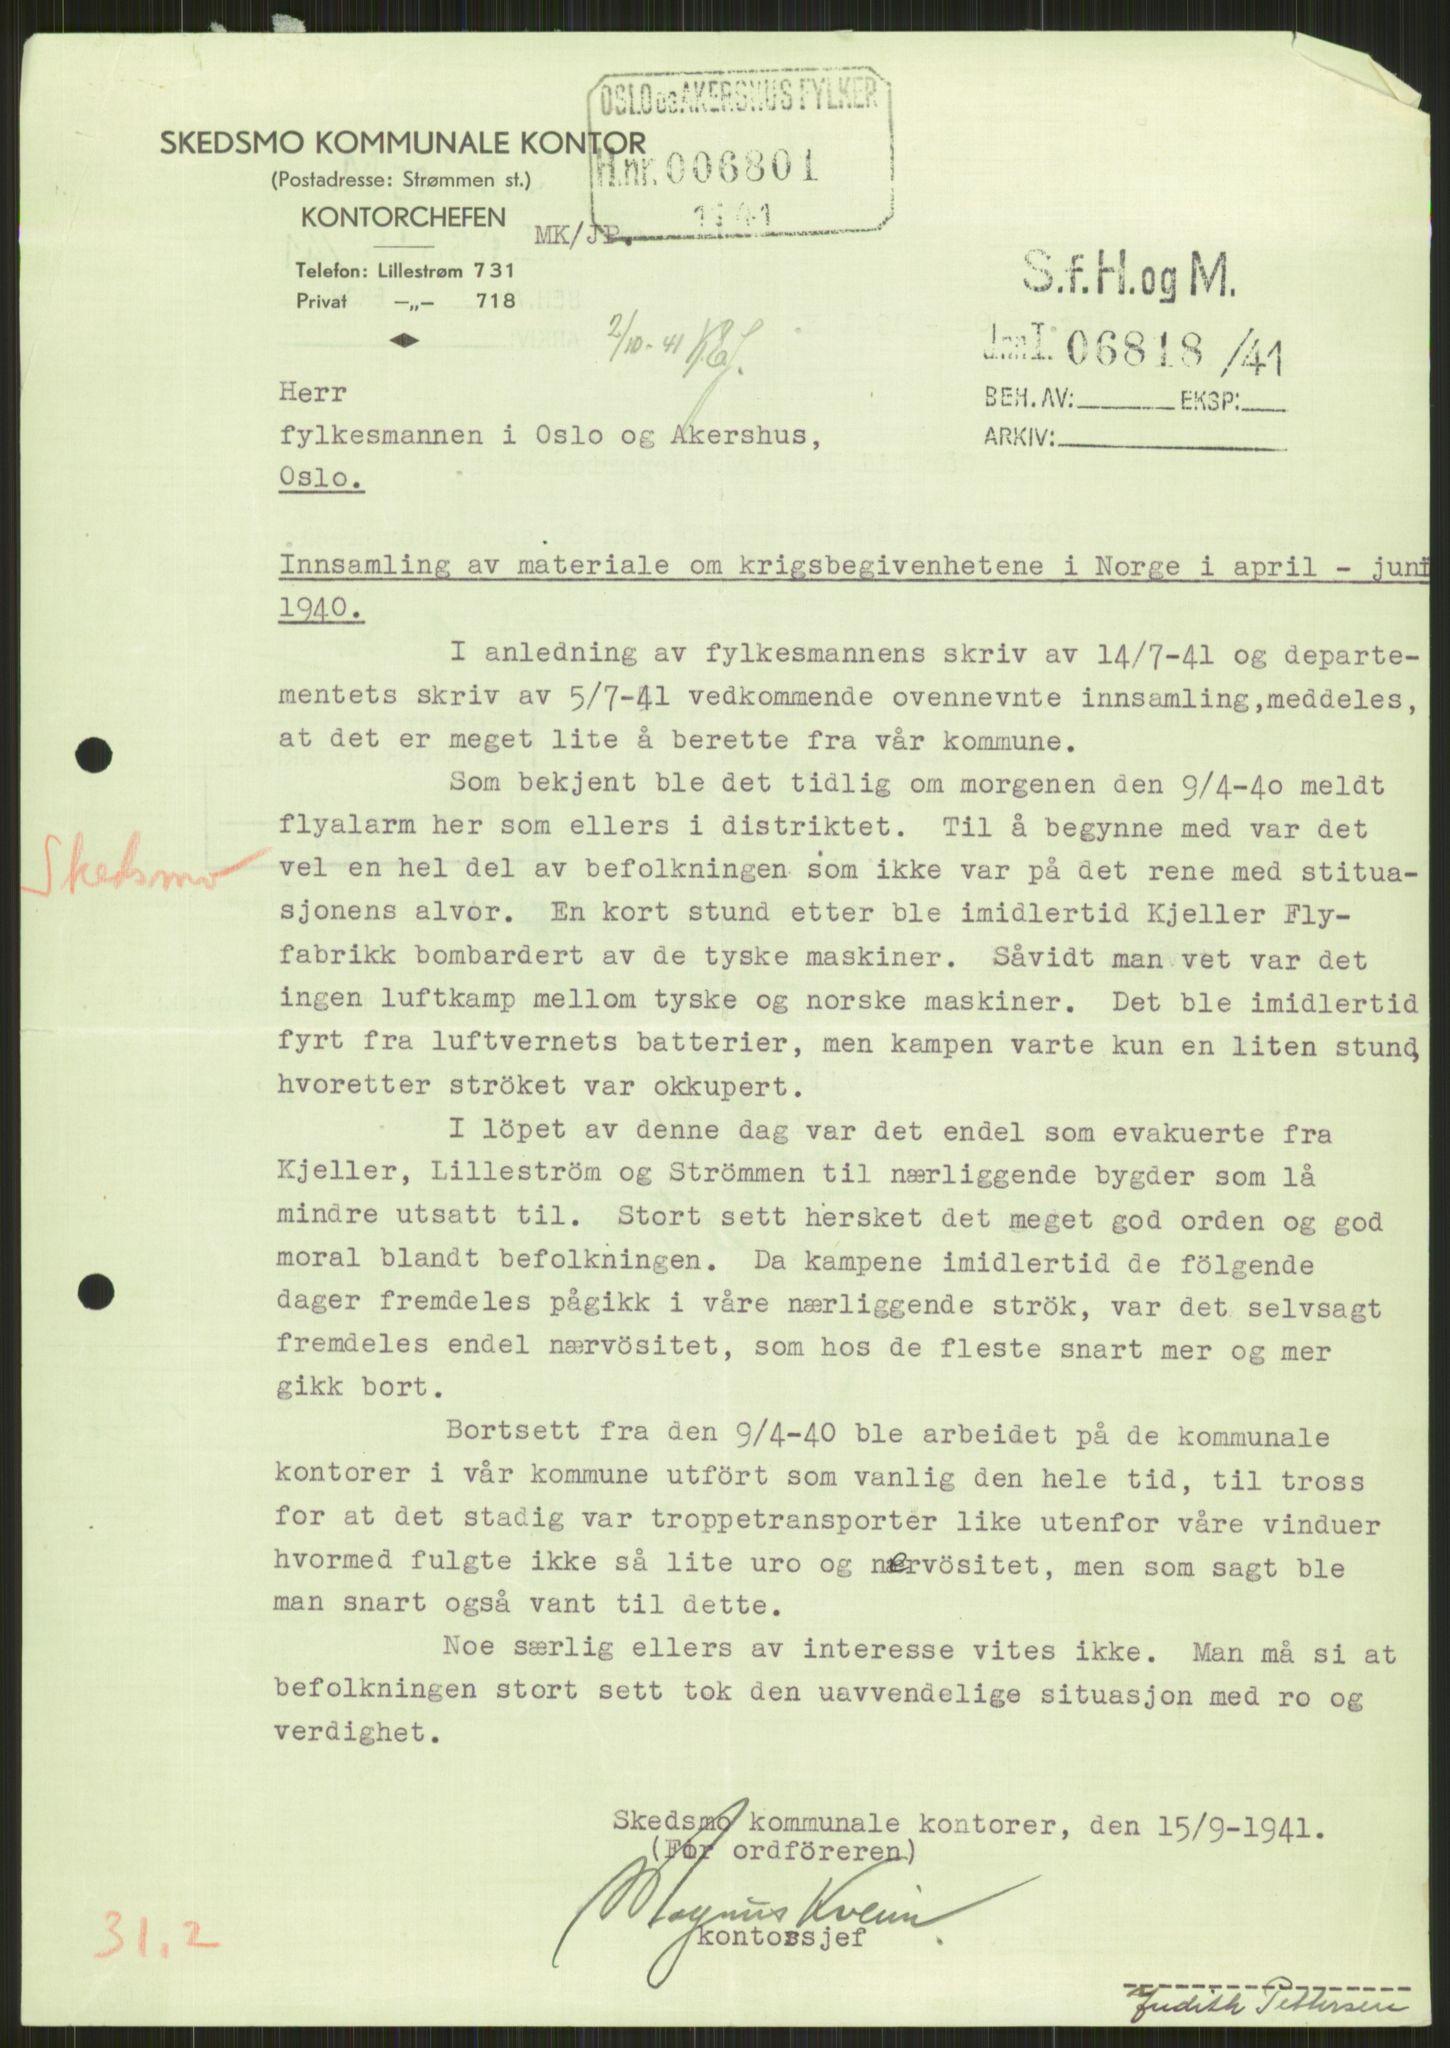 RA, Forsvaret, Forsvarets krigshistoriske avdeling, Y/Ya/L0013: II-C-11-31 - Fylkesmenn.  Rapporter om krigsbegivenhetene 1940., 1940, s. 827